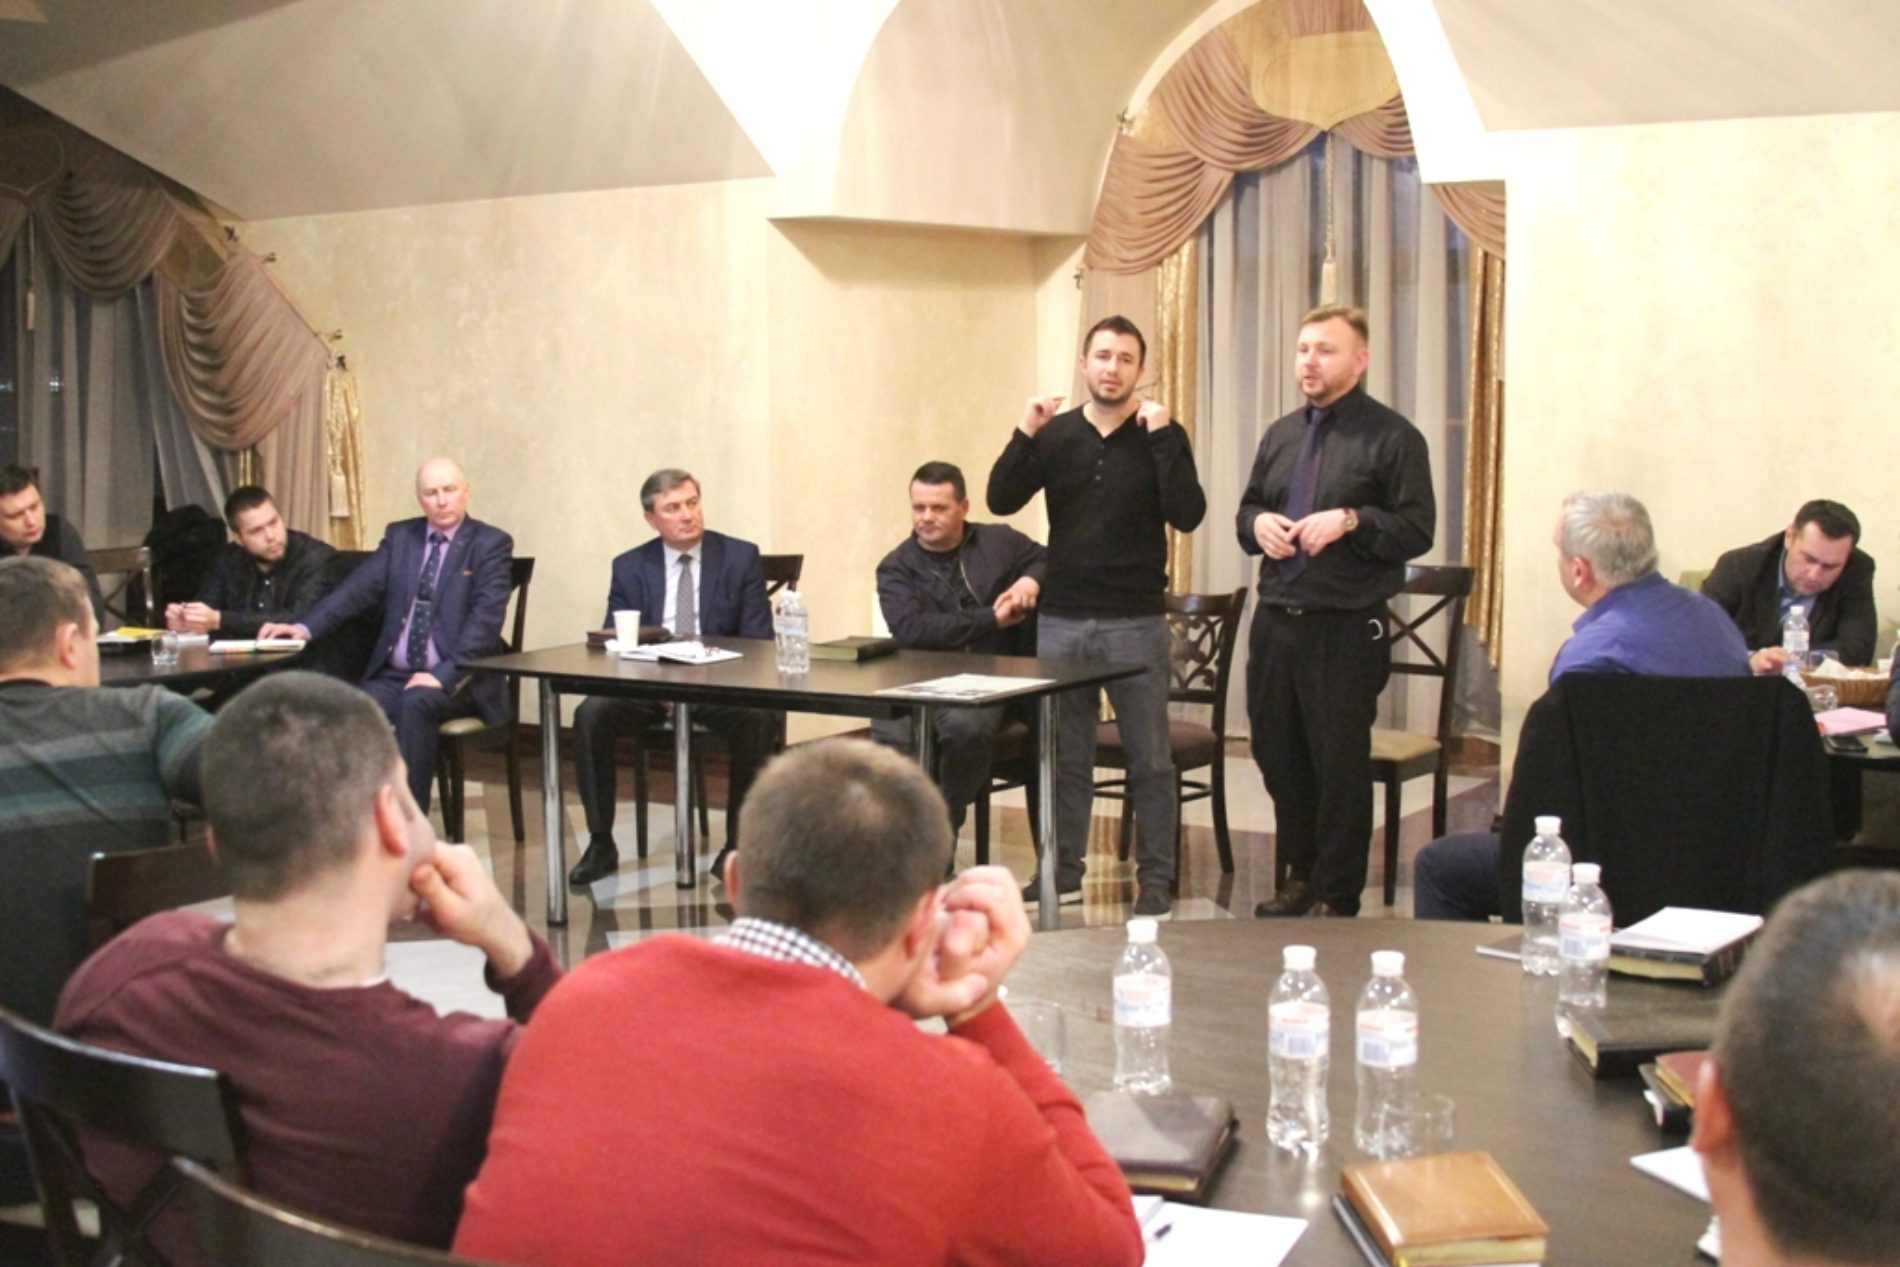 Благовістя, особисте та в інтернеті, стало предметом обговорення під час зустрічі благовісників братерства